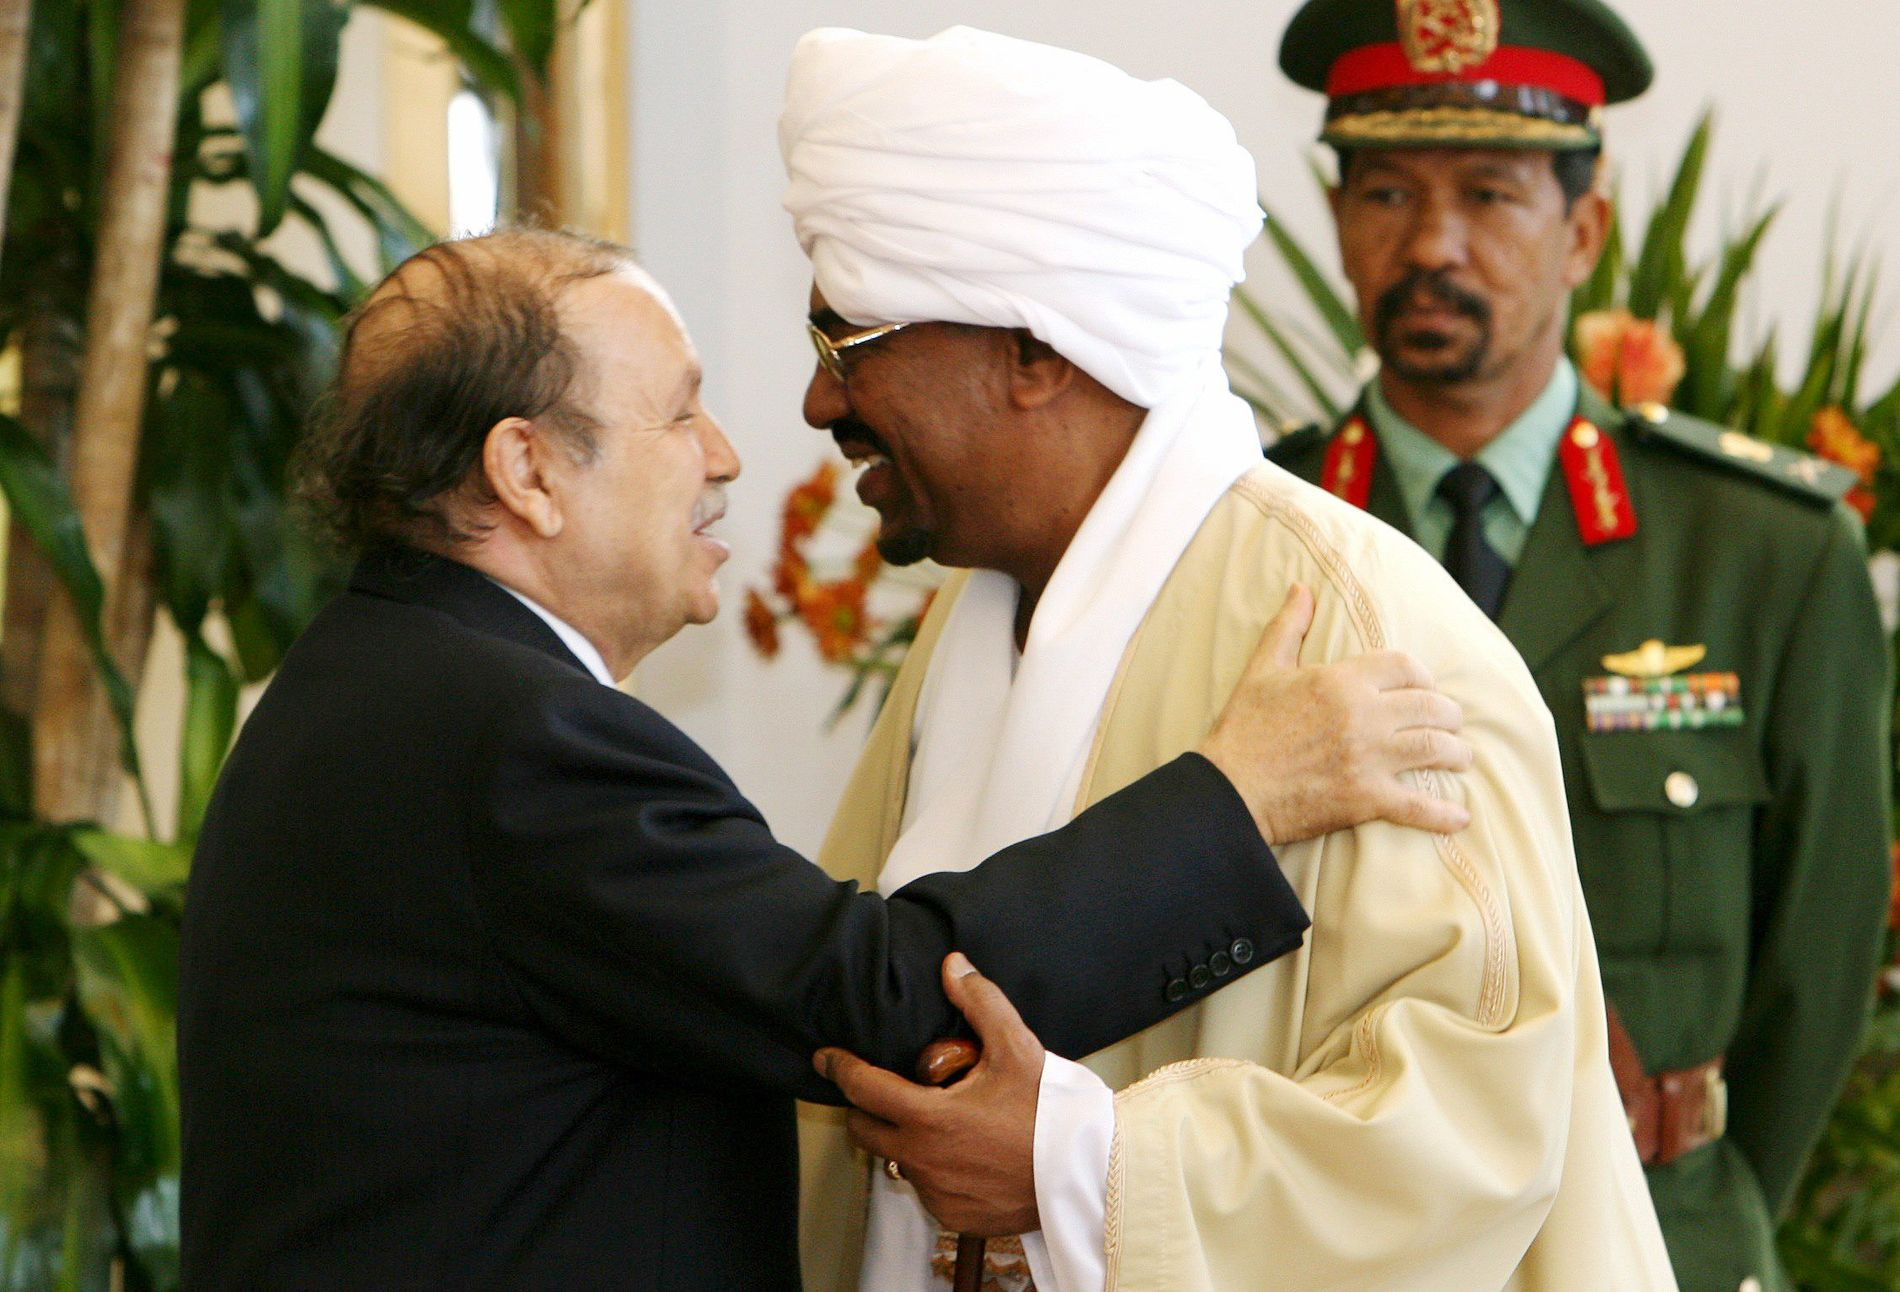 AVSETT: Abdelaziz Bouteflika og Omar al-Bashir på eit møte i Sudan i 2006. No er begge avsett frå maktposisjonane sine.